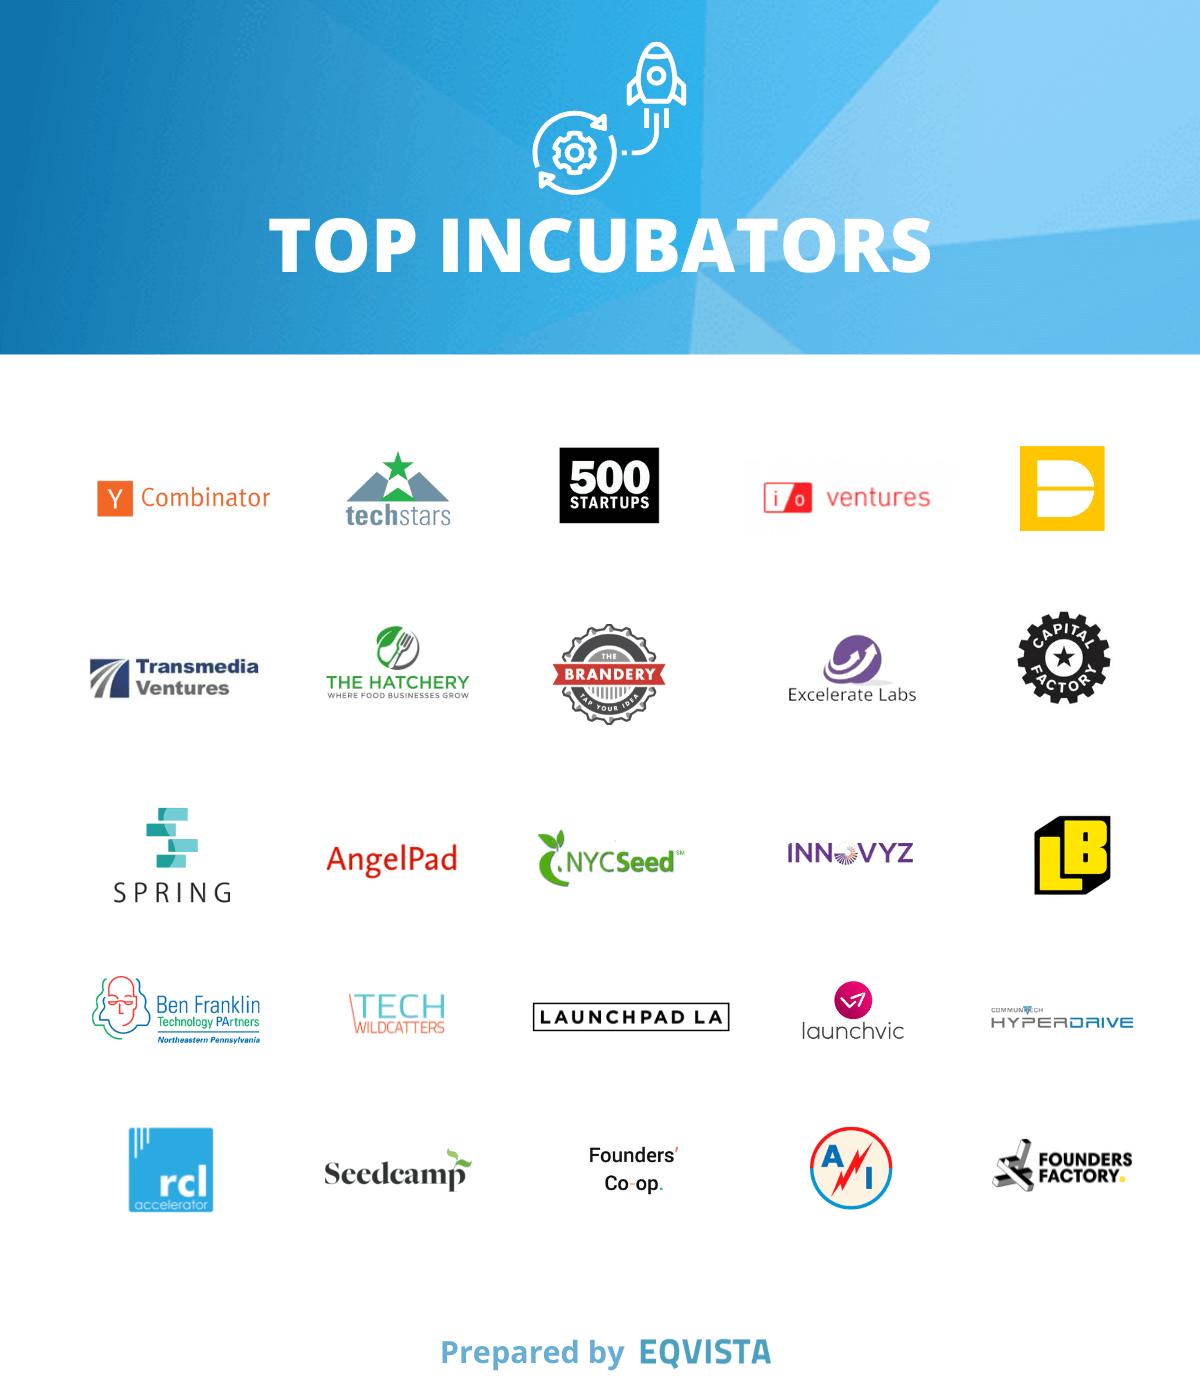 Top startup incubators